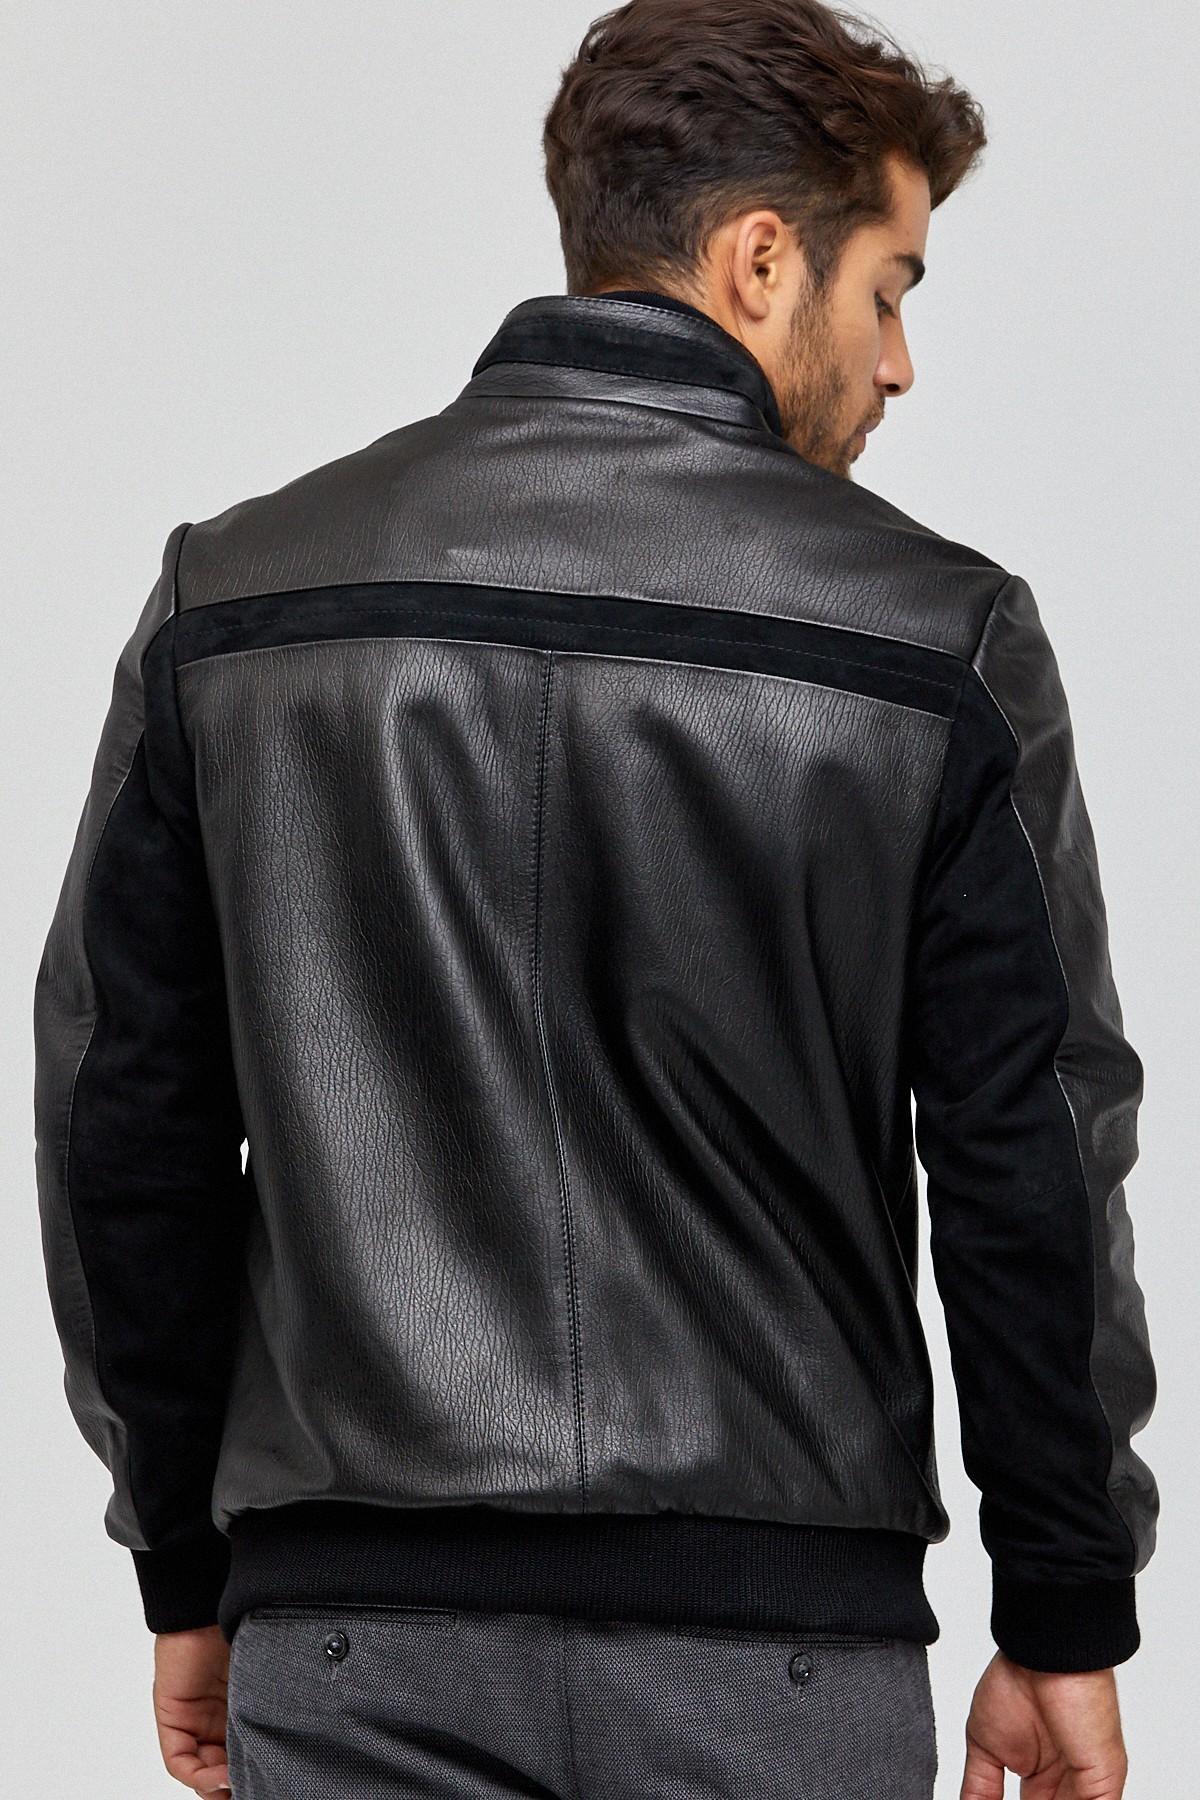 Mens Leather Jackets Windbreaker